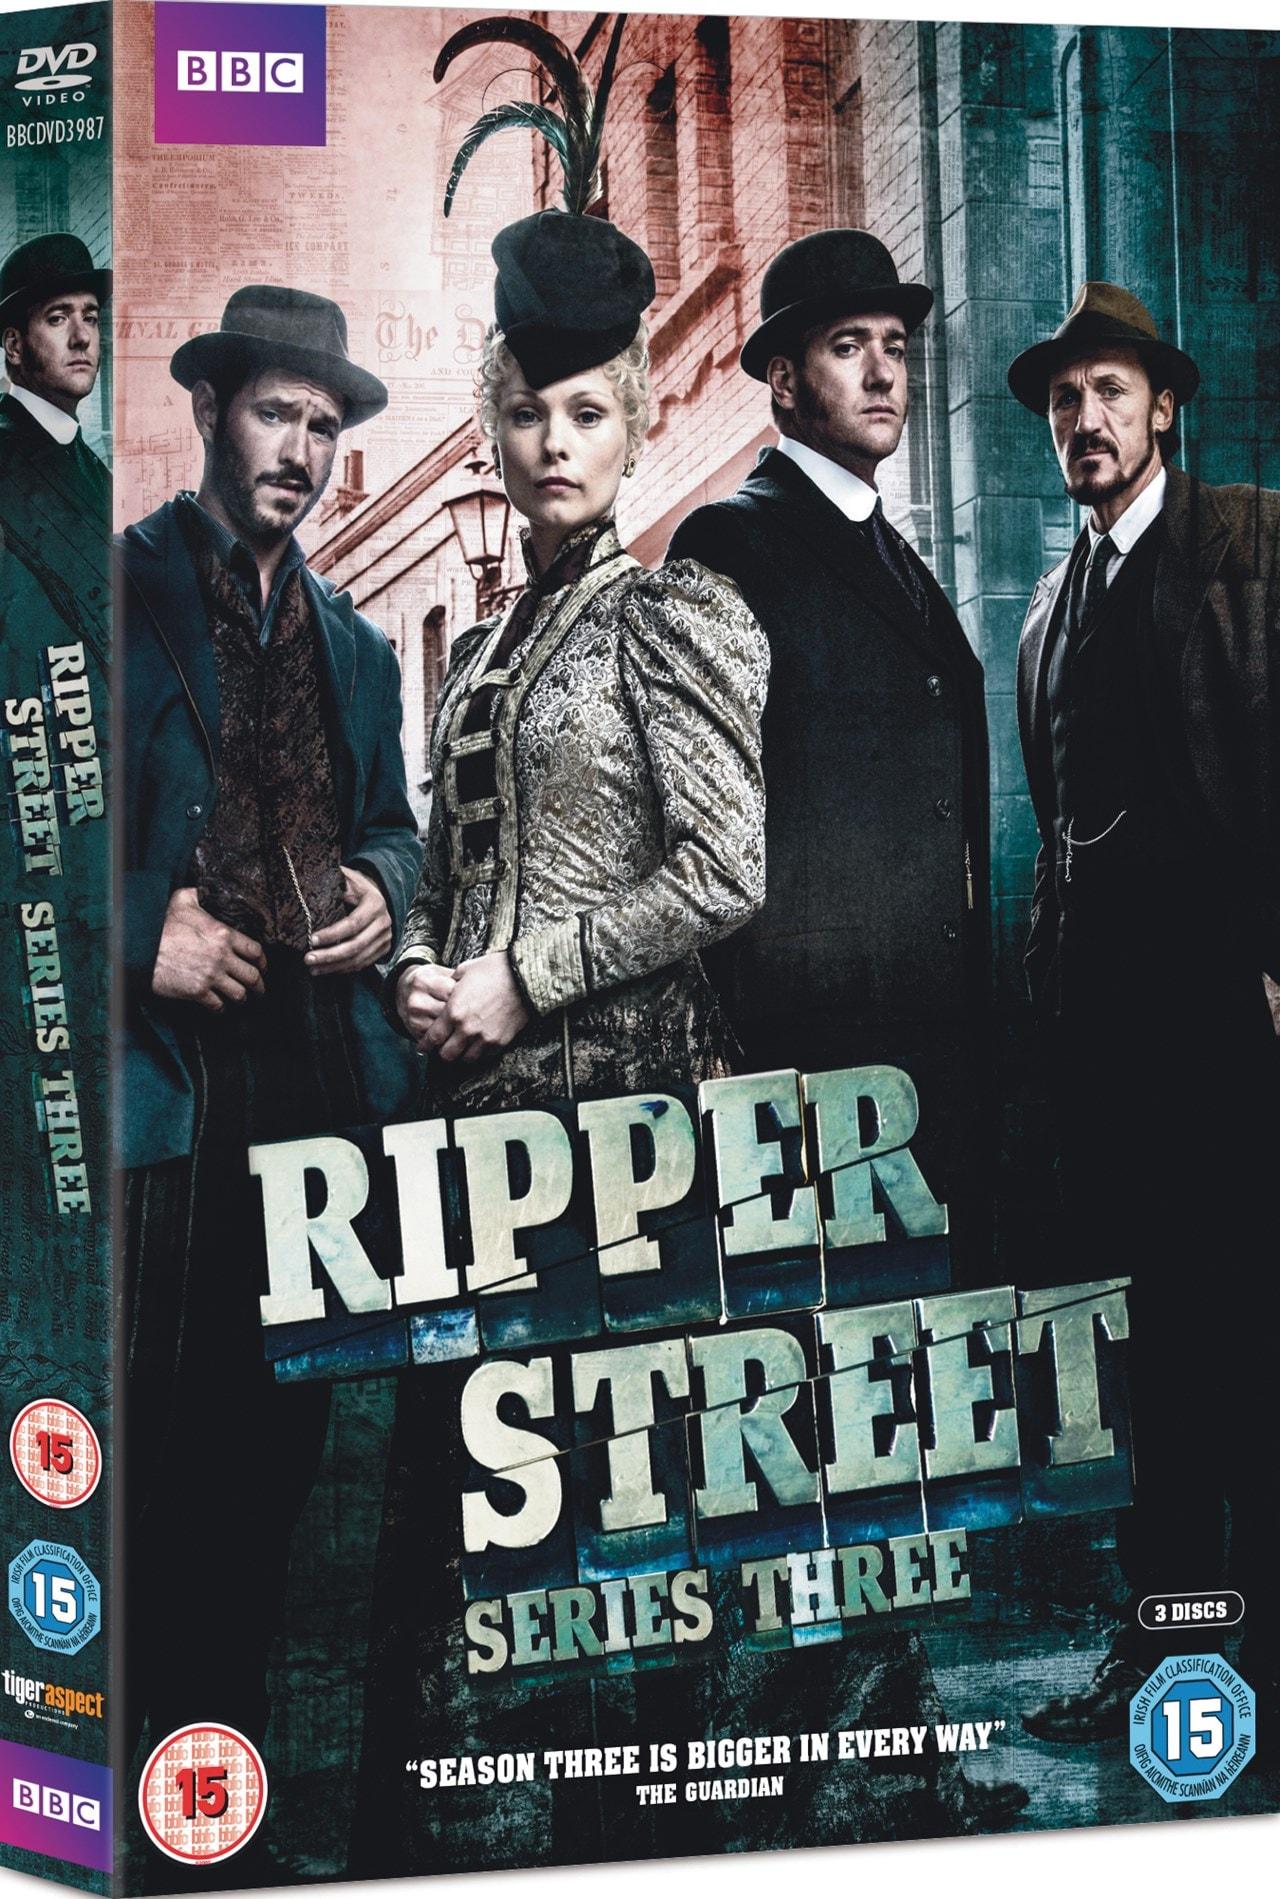 Ripper Street: Series 3 - 2